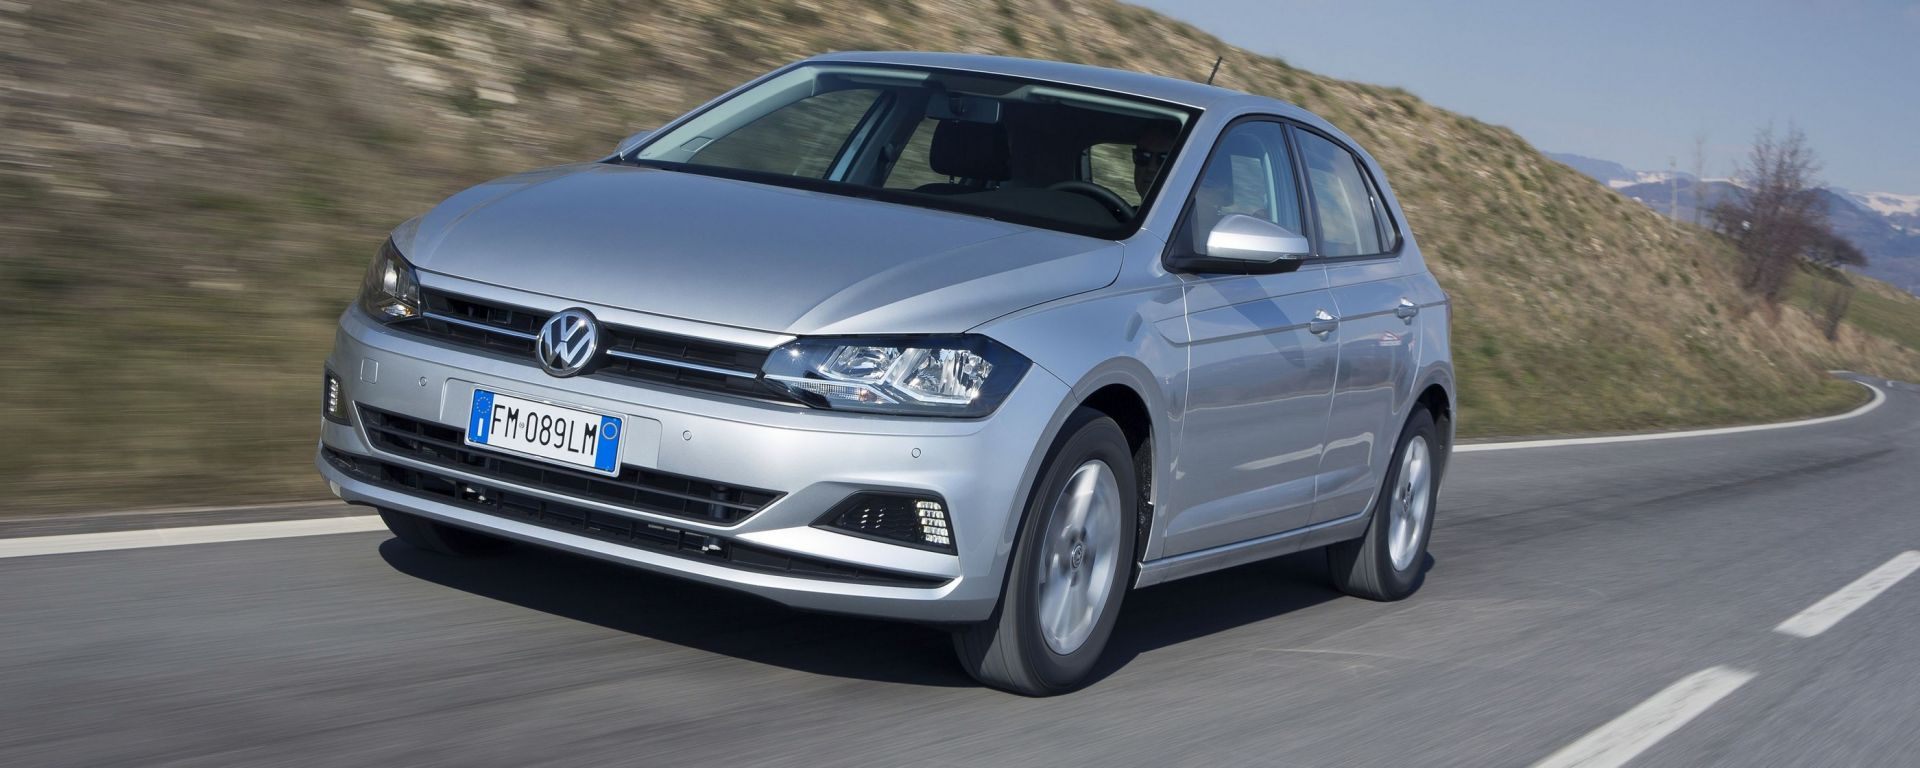 Volkswagen Polo 1.0 TGI, il metano ti da una mano